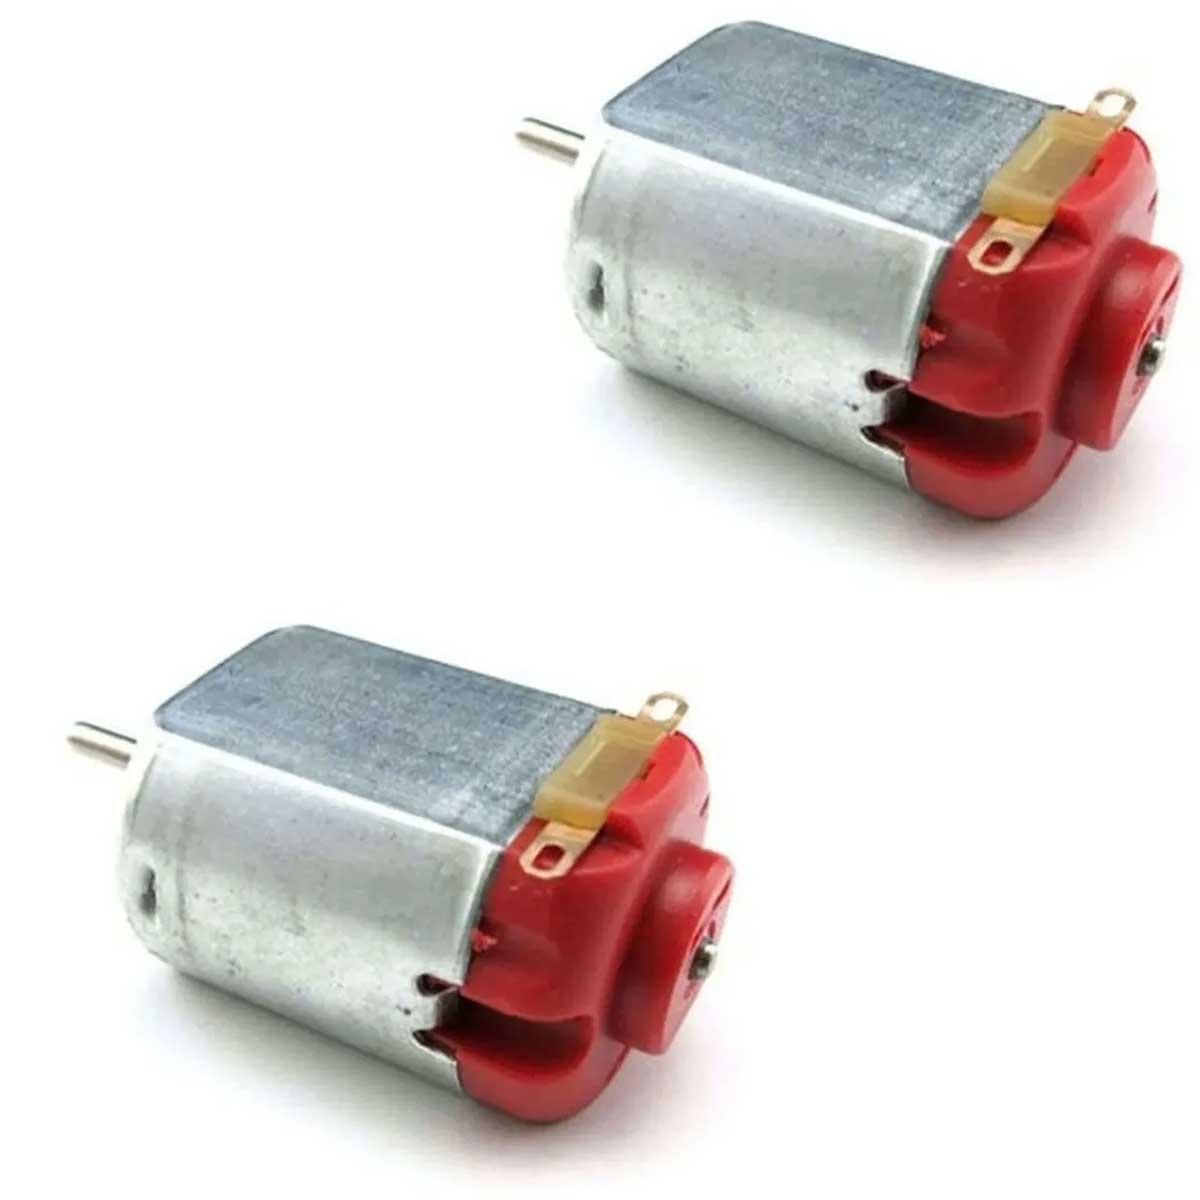 2x Mini Motor DC 3v a 6v sem Redução - Vermelho